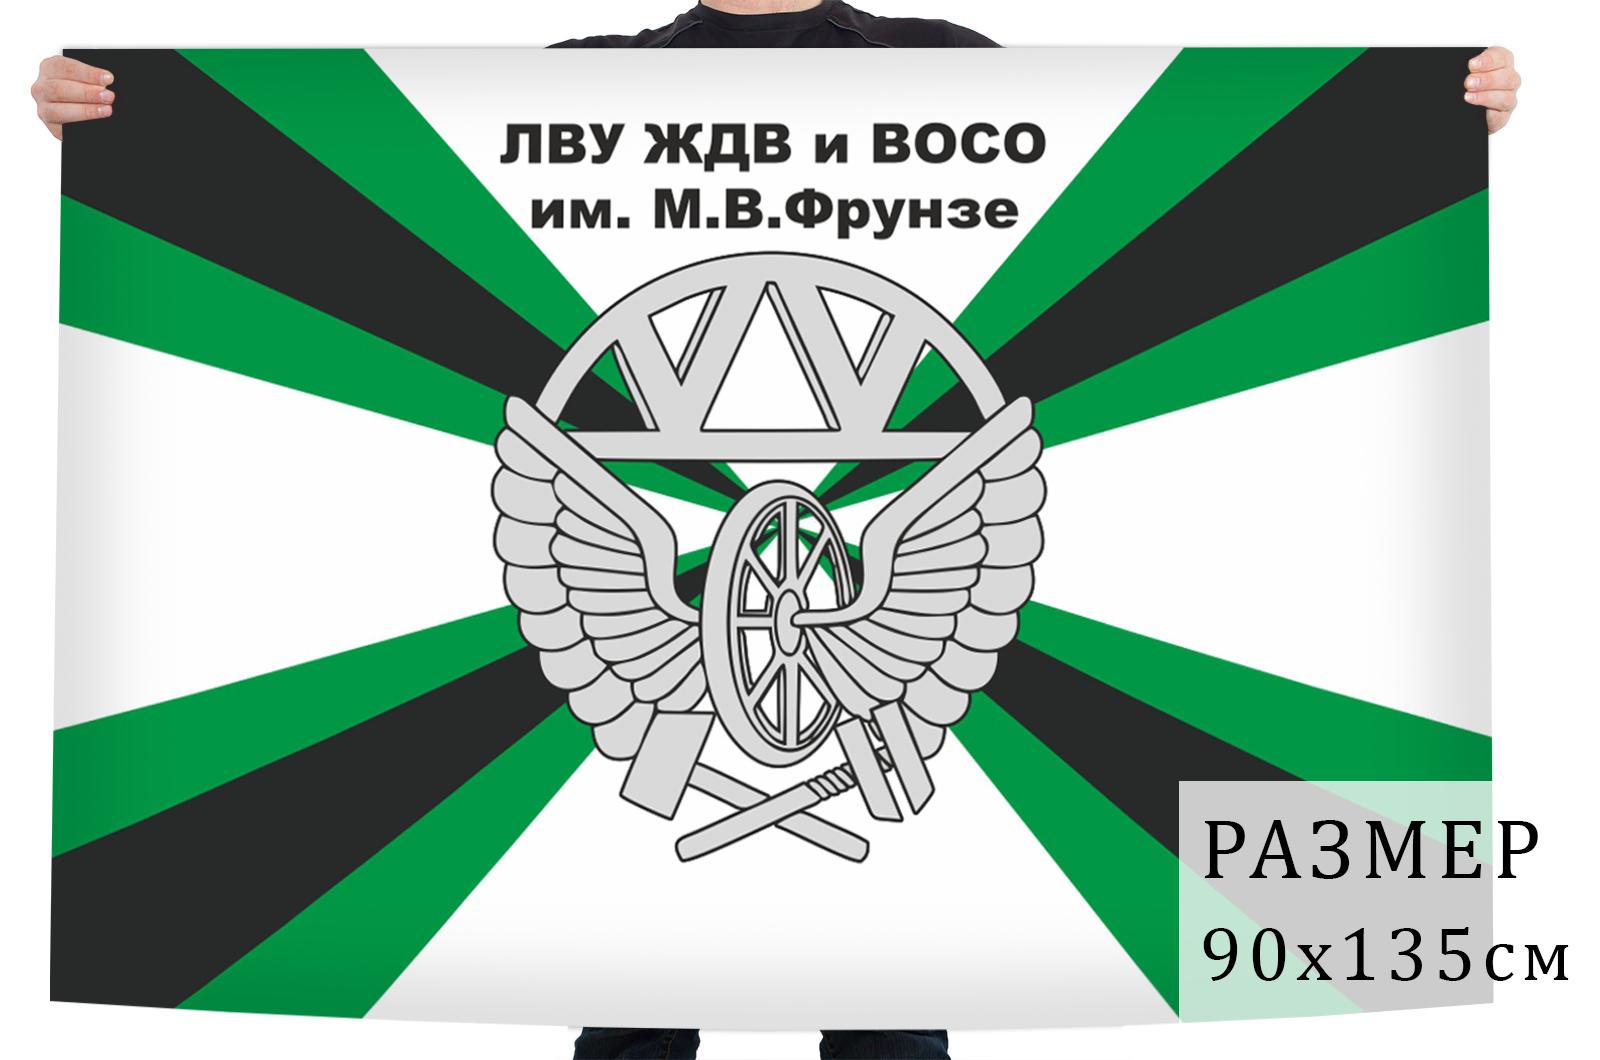 Флаг Ленинградского высшего училища железнодорожных войск и военных сообщений им. Фрунзе